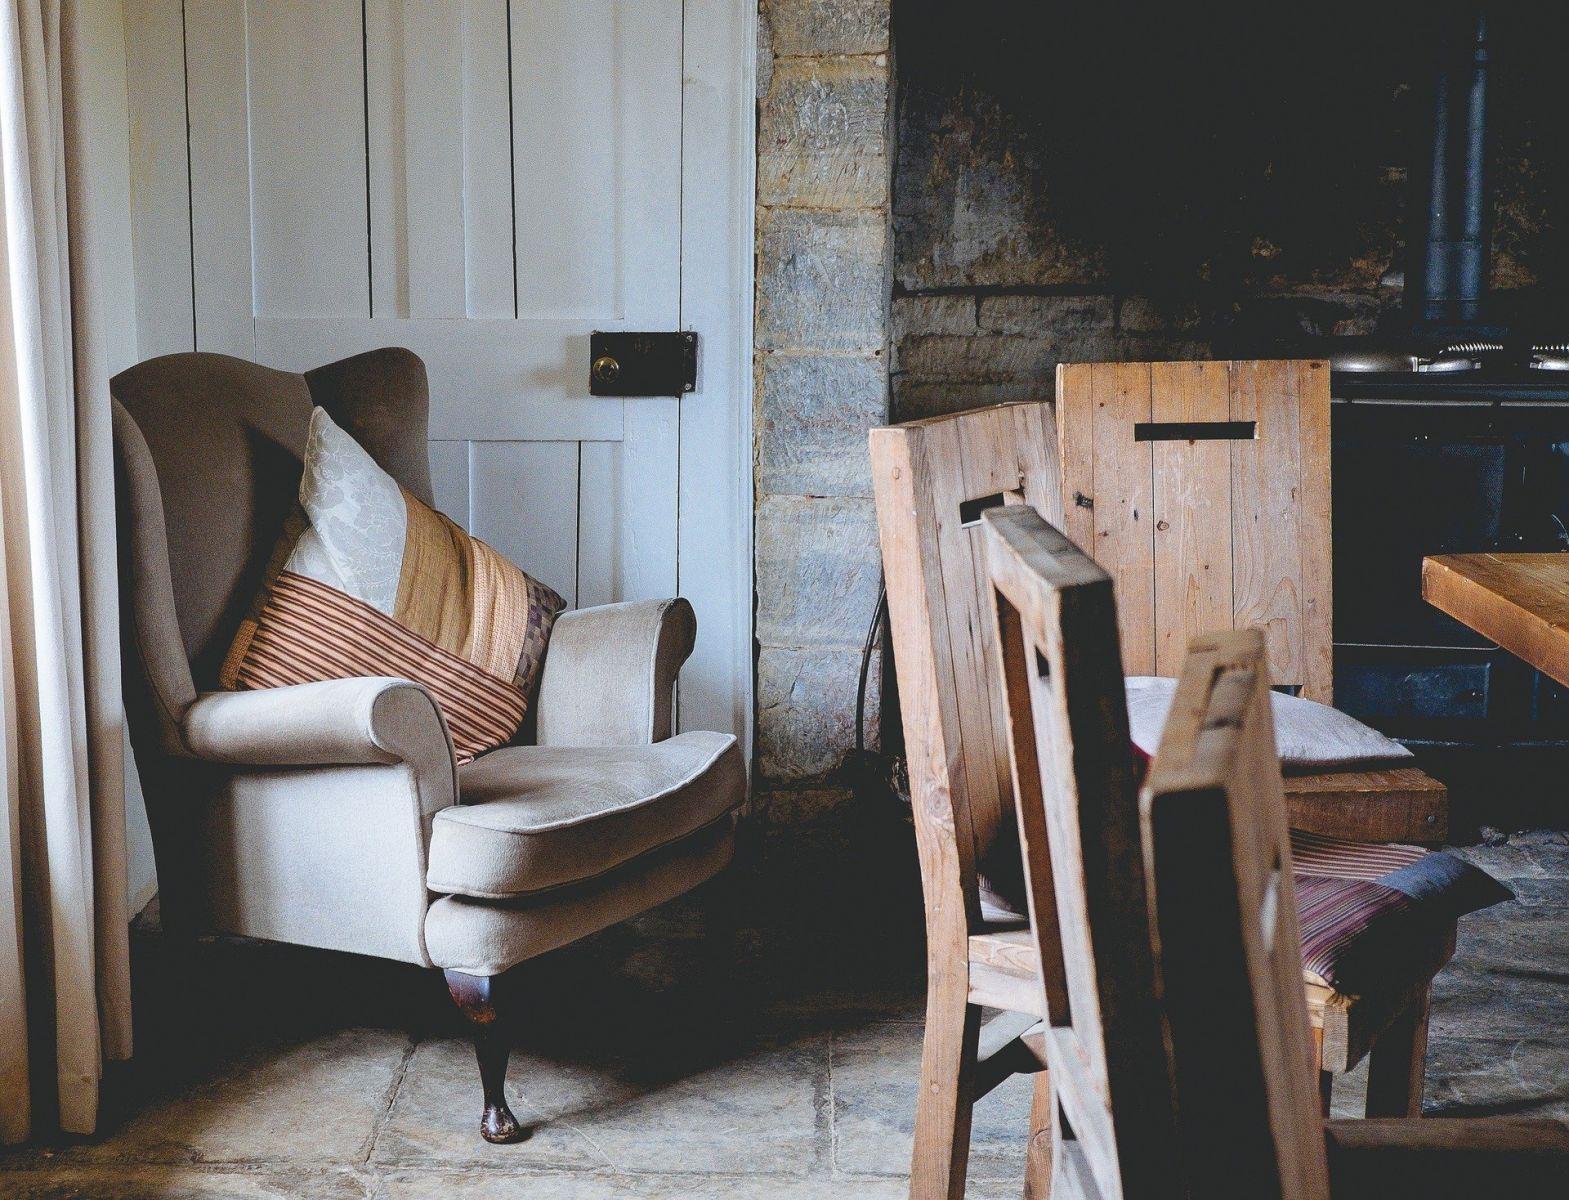 Кресло - это идеальное дополнение к сбалансированной концепции интерьера.